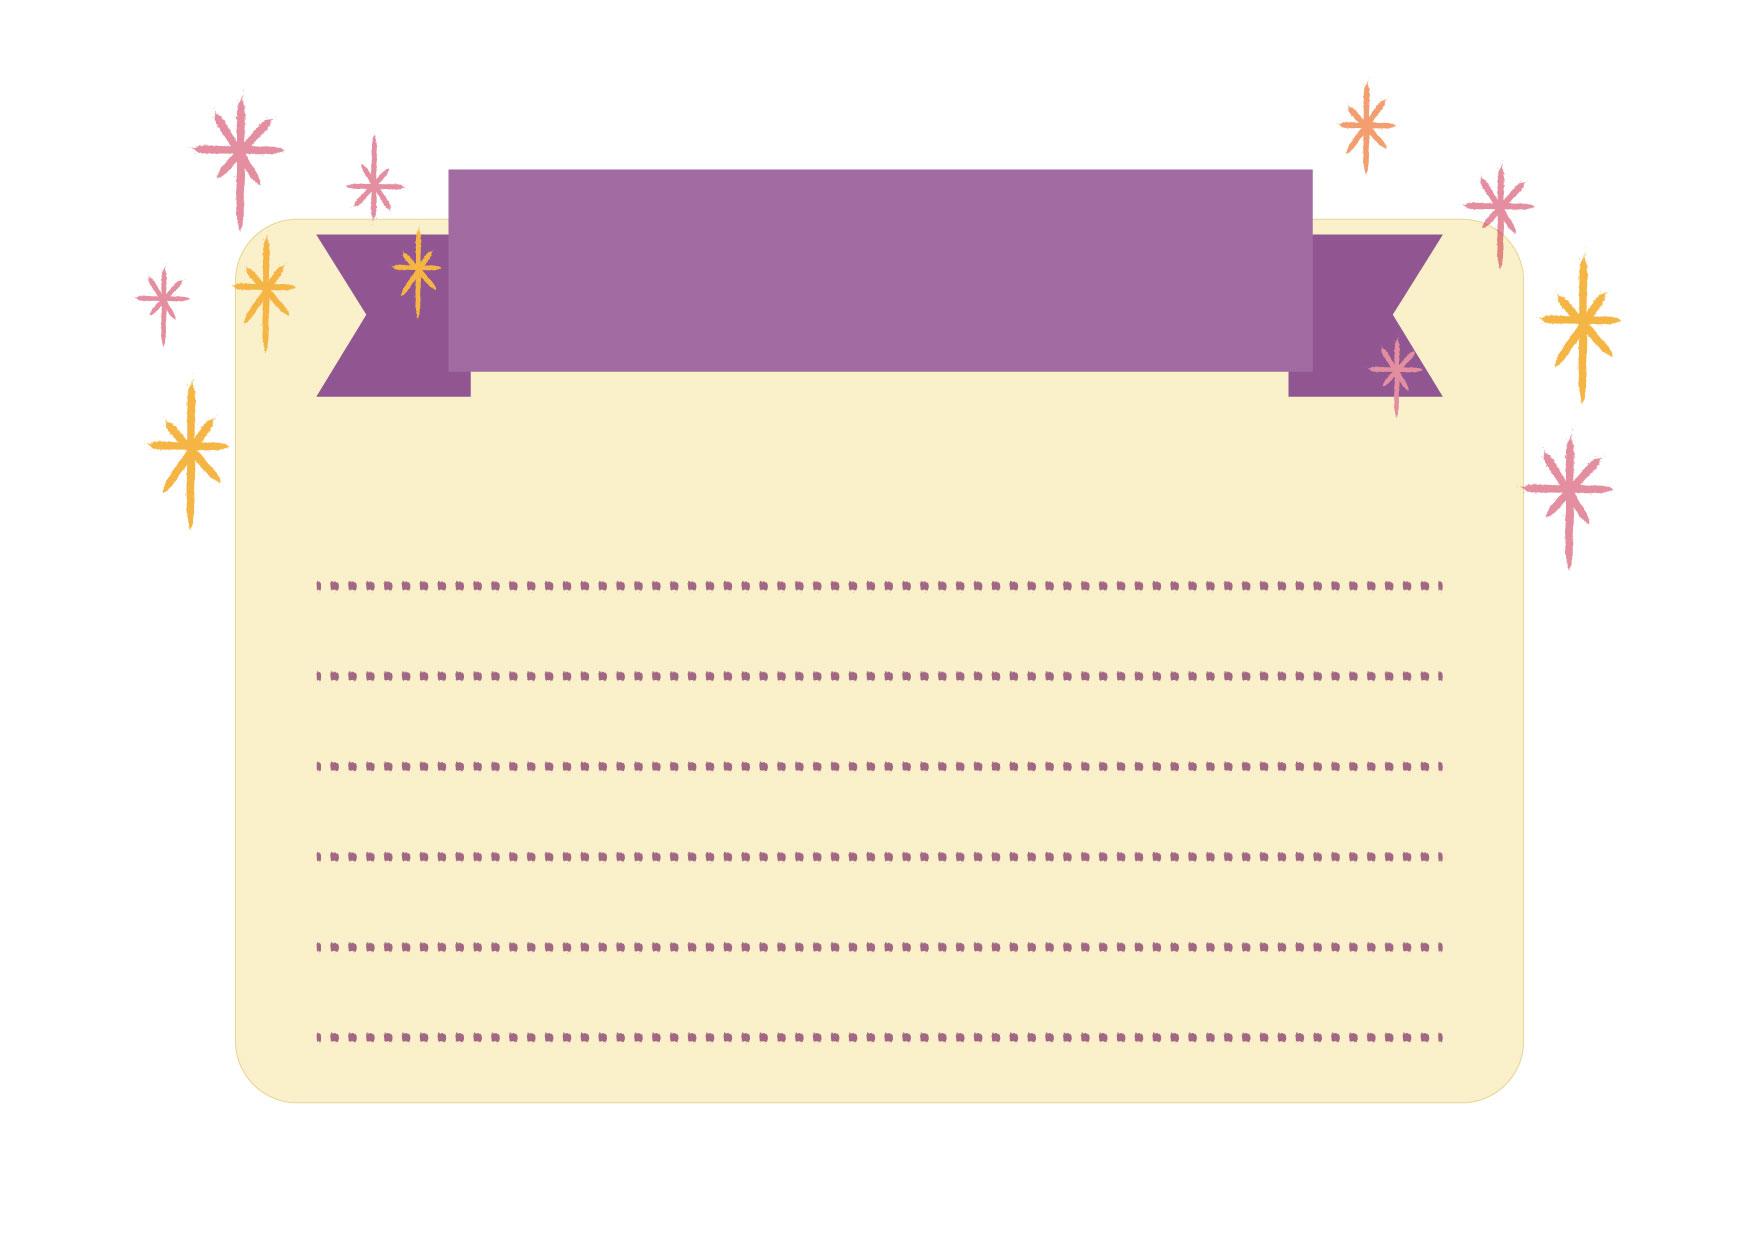 可愛いイラスト無料|ノート リボン 紫 背景 − free illustration Notebook ribbon purple background